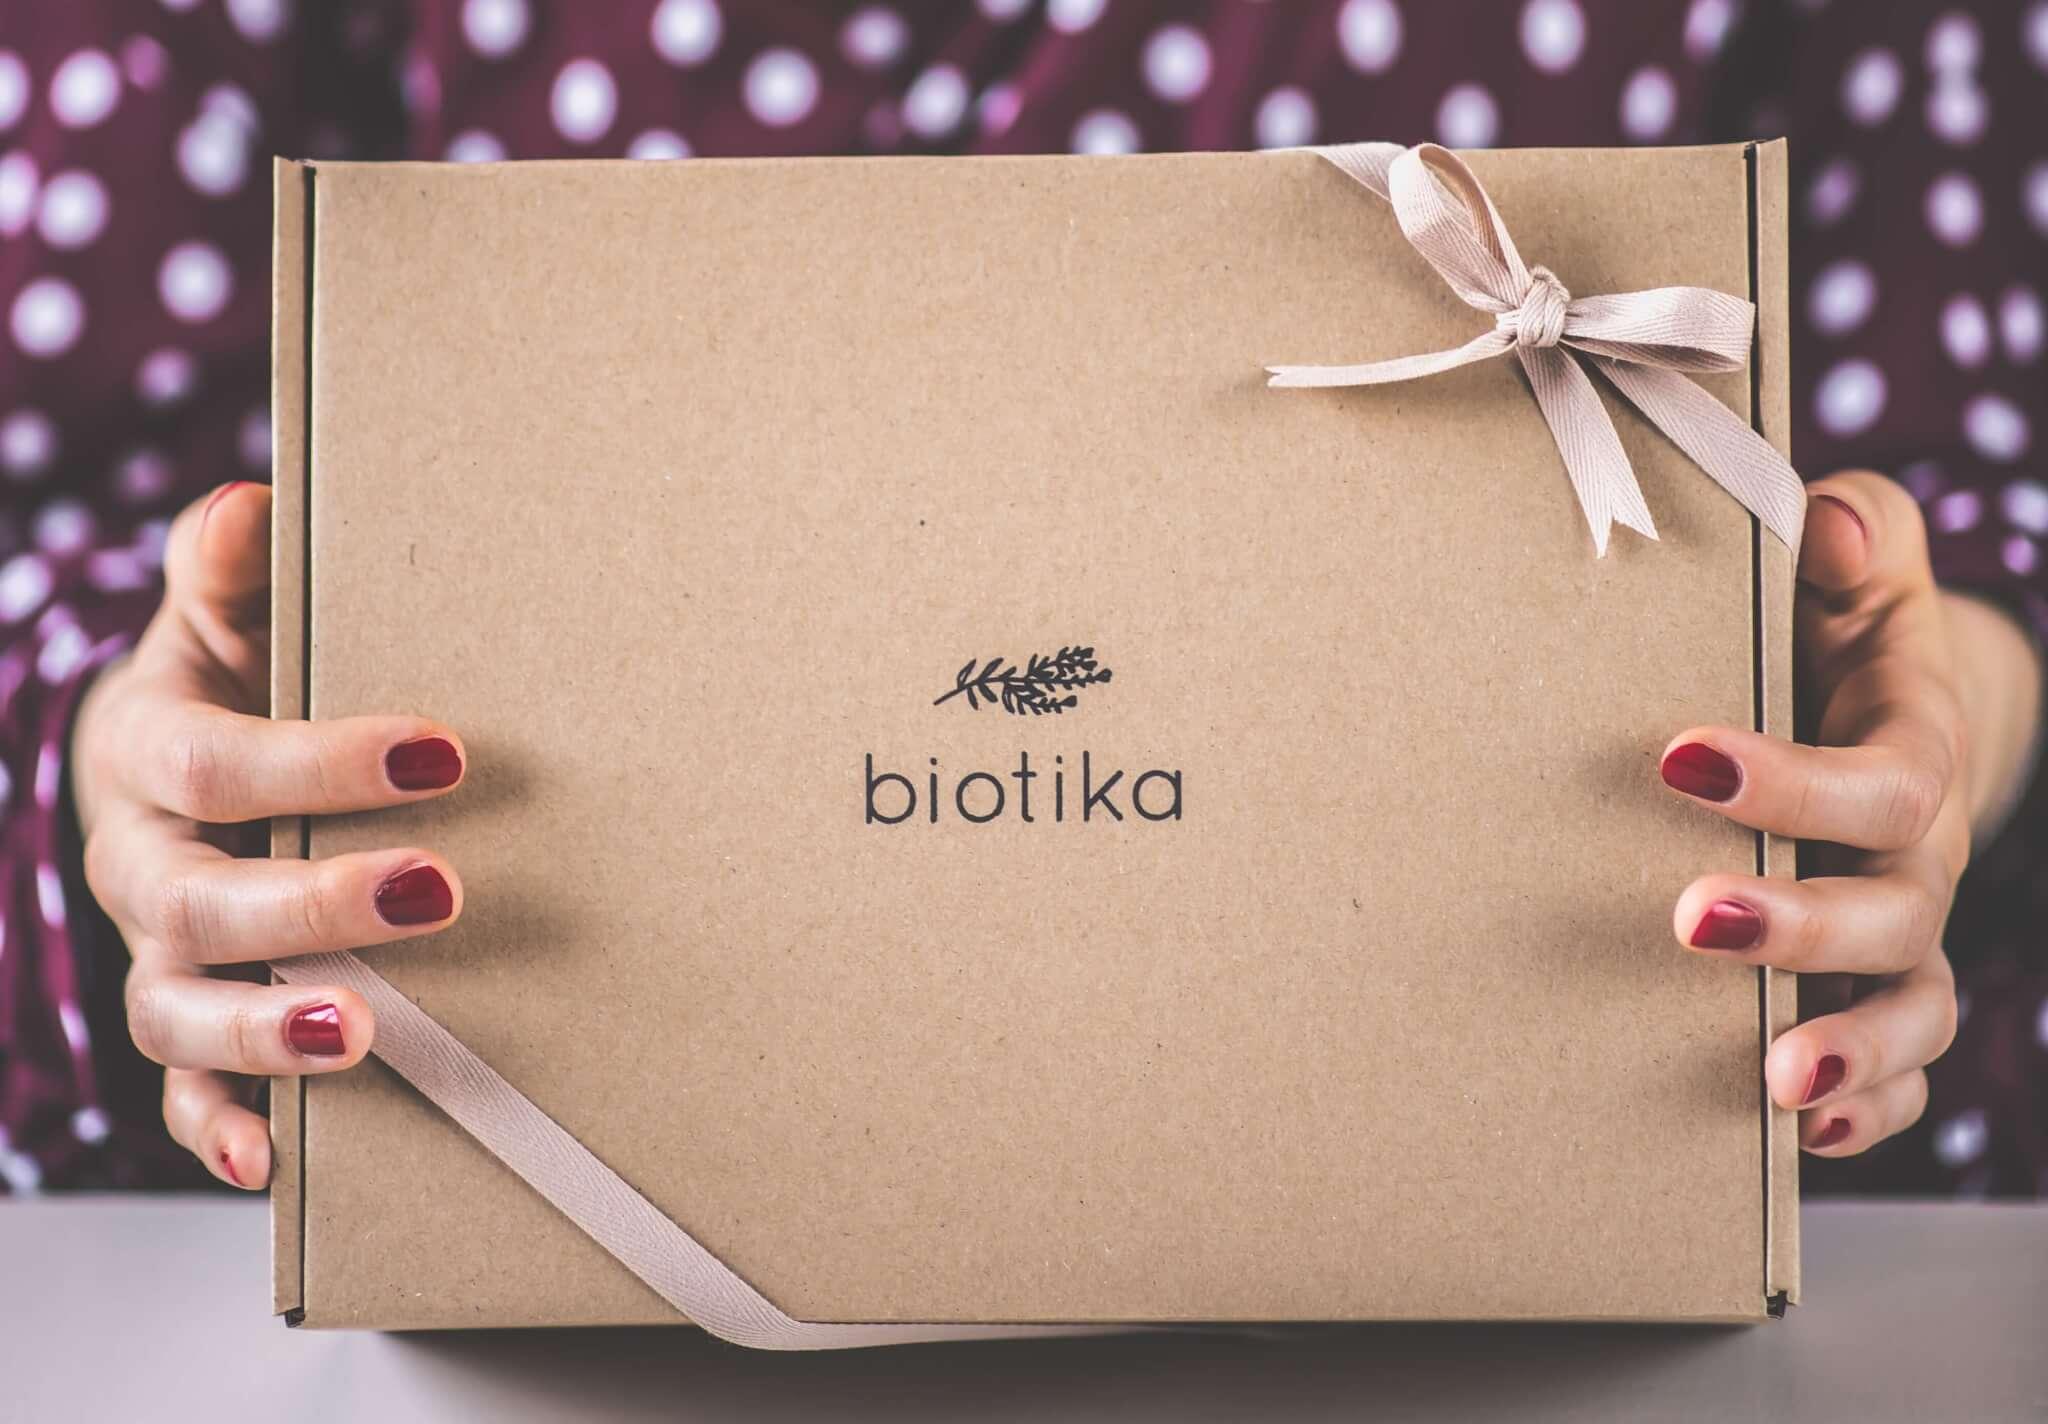 eco mailer boxes biotica